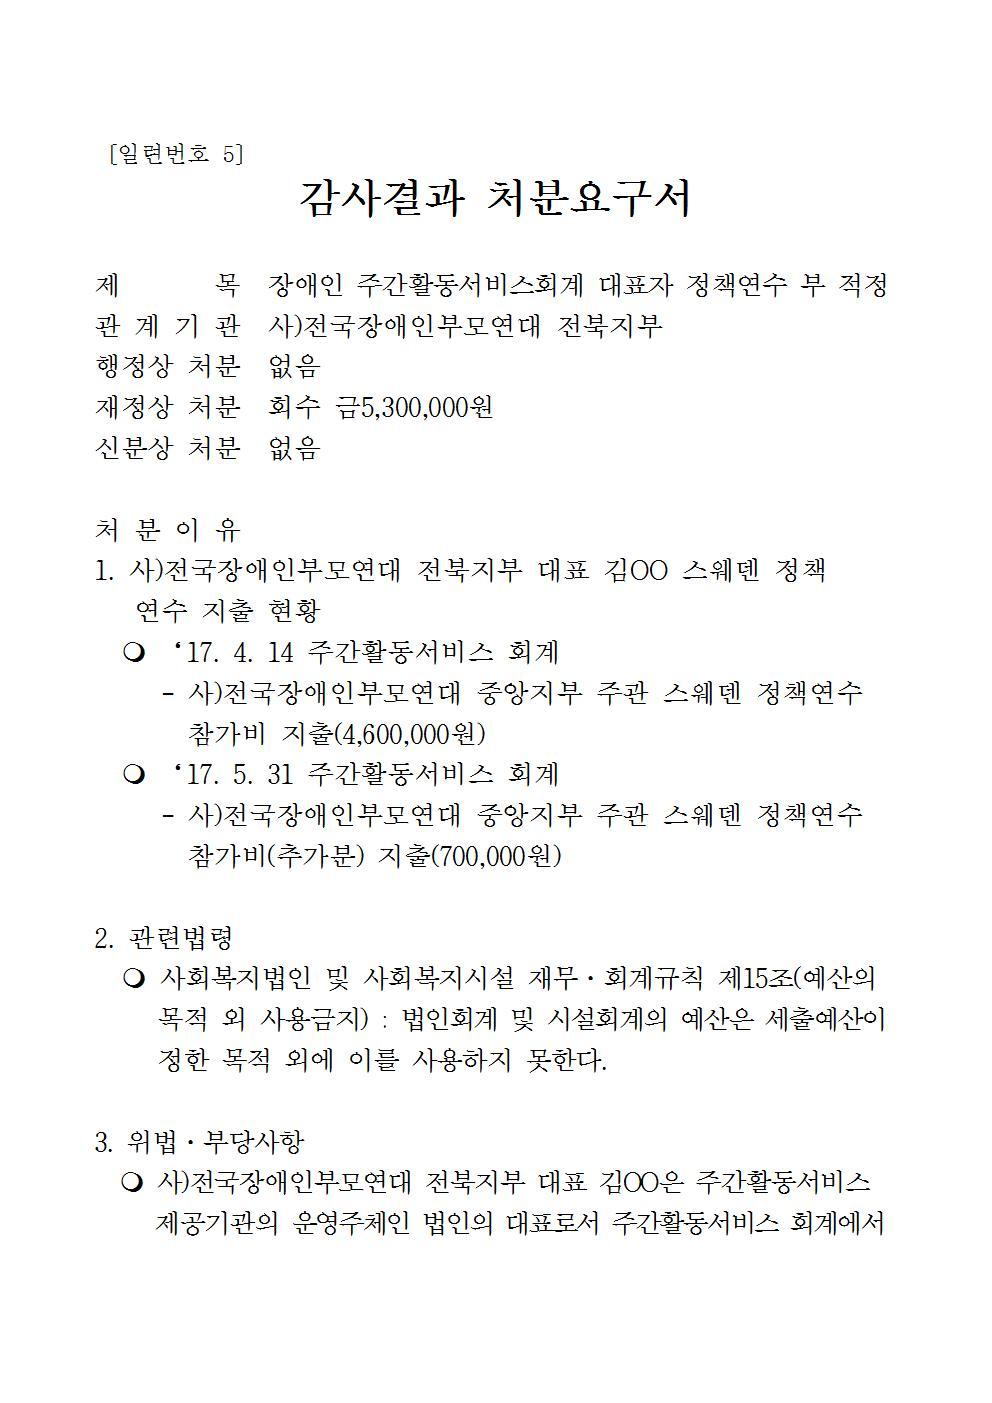 붙임) 처분요구서_전주시 생활복지과-37898(2017.9.1)호(공개용)009.jpg